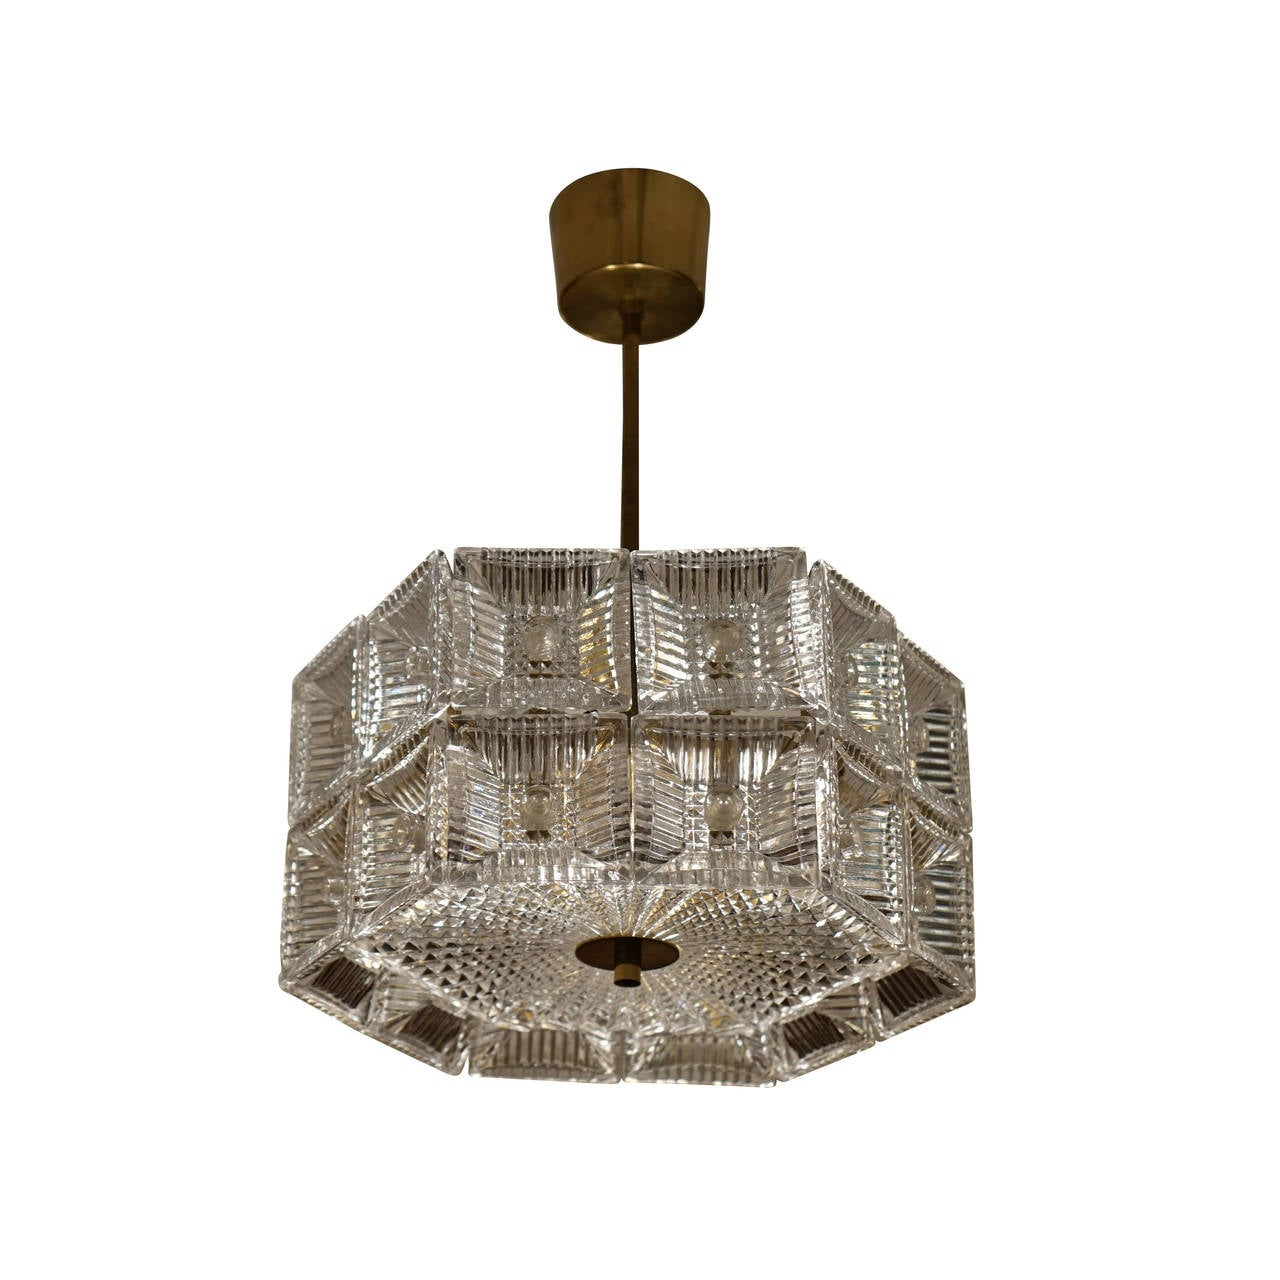 orrefors light fixture at 1stdibs. Black Bedroom Furniture Sets. Home Design Ideas